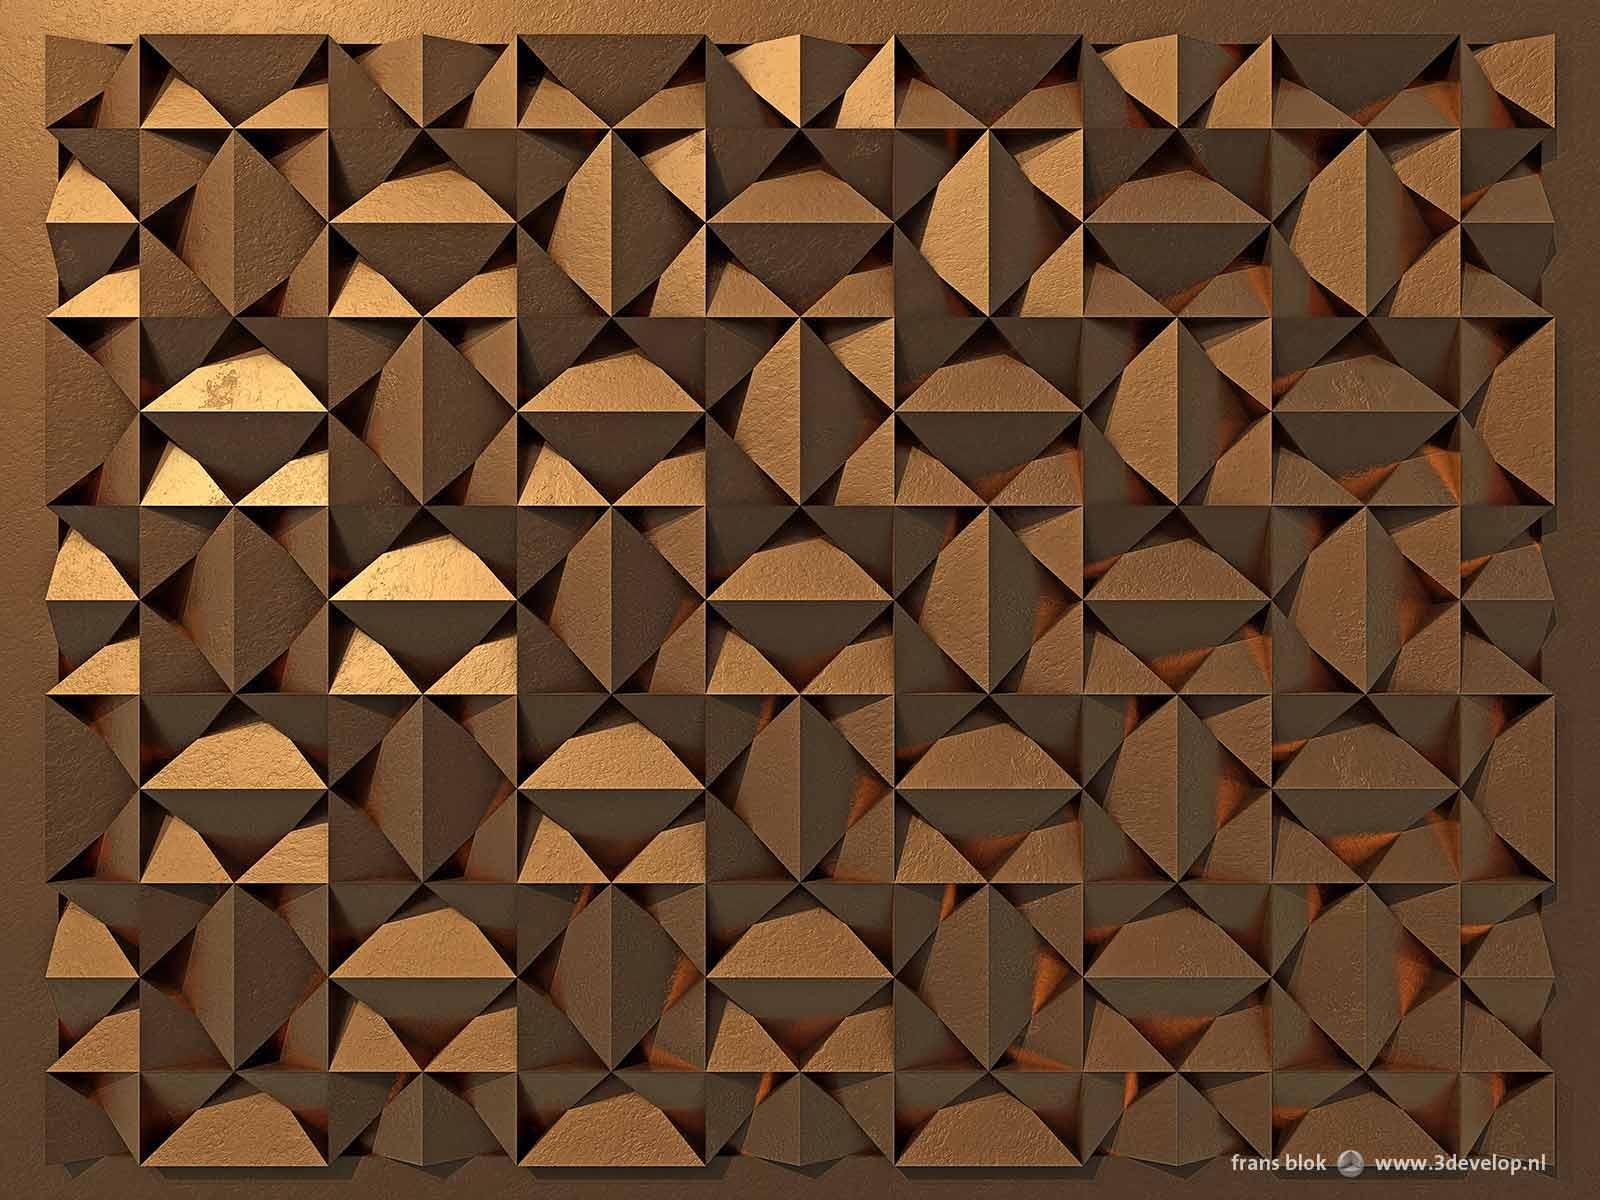 Een virtueel reliëf, dat op het platte vlak de illusie van diepte wekt, met een patroon van vierkanten en driehoeken, uitgevoerd in koper